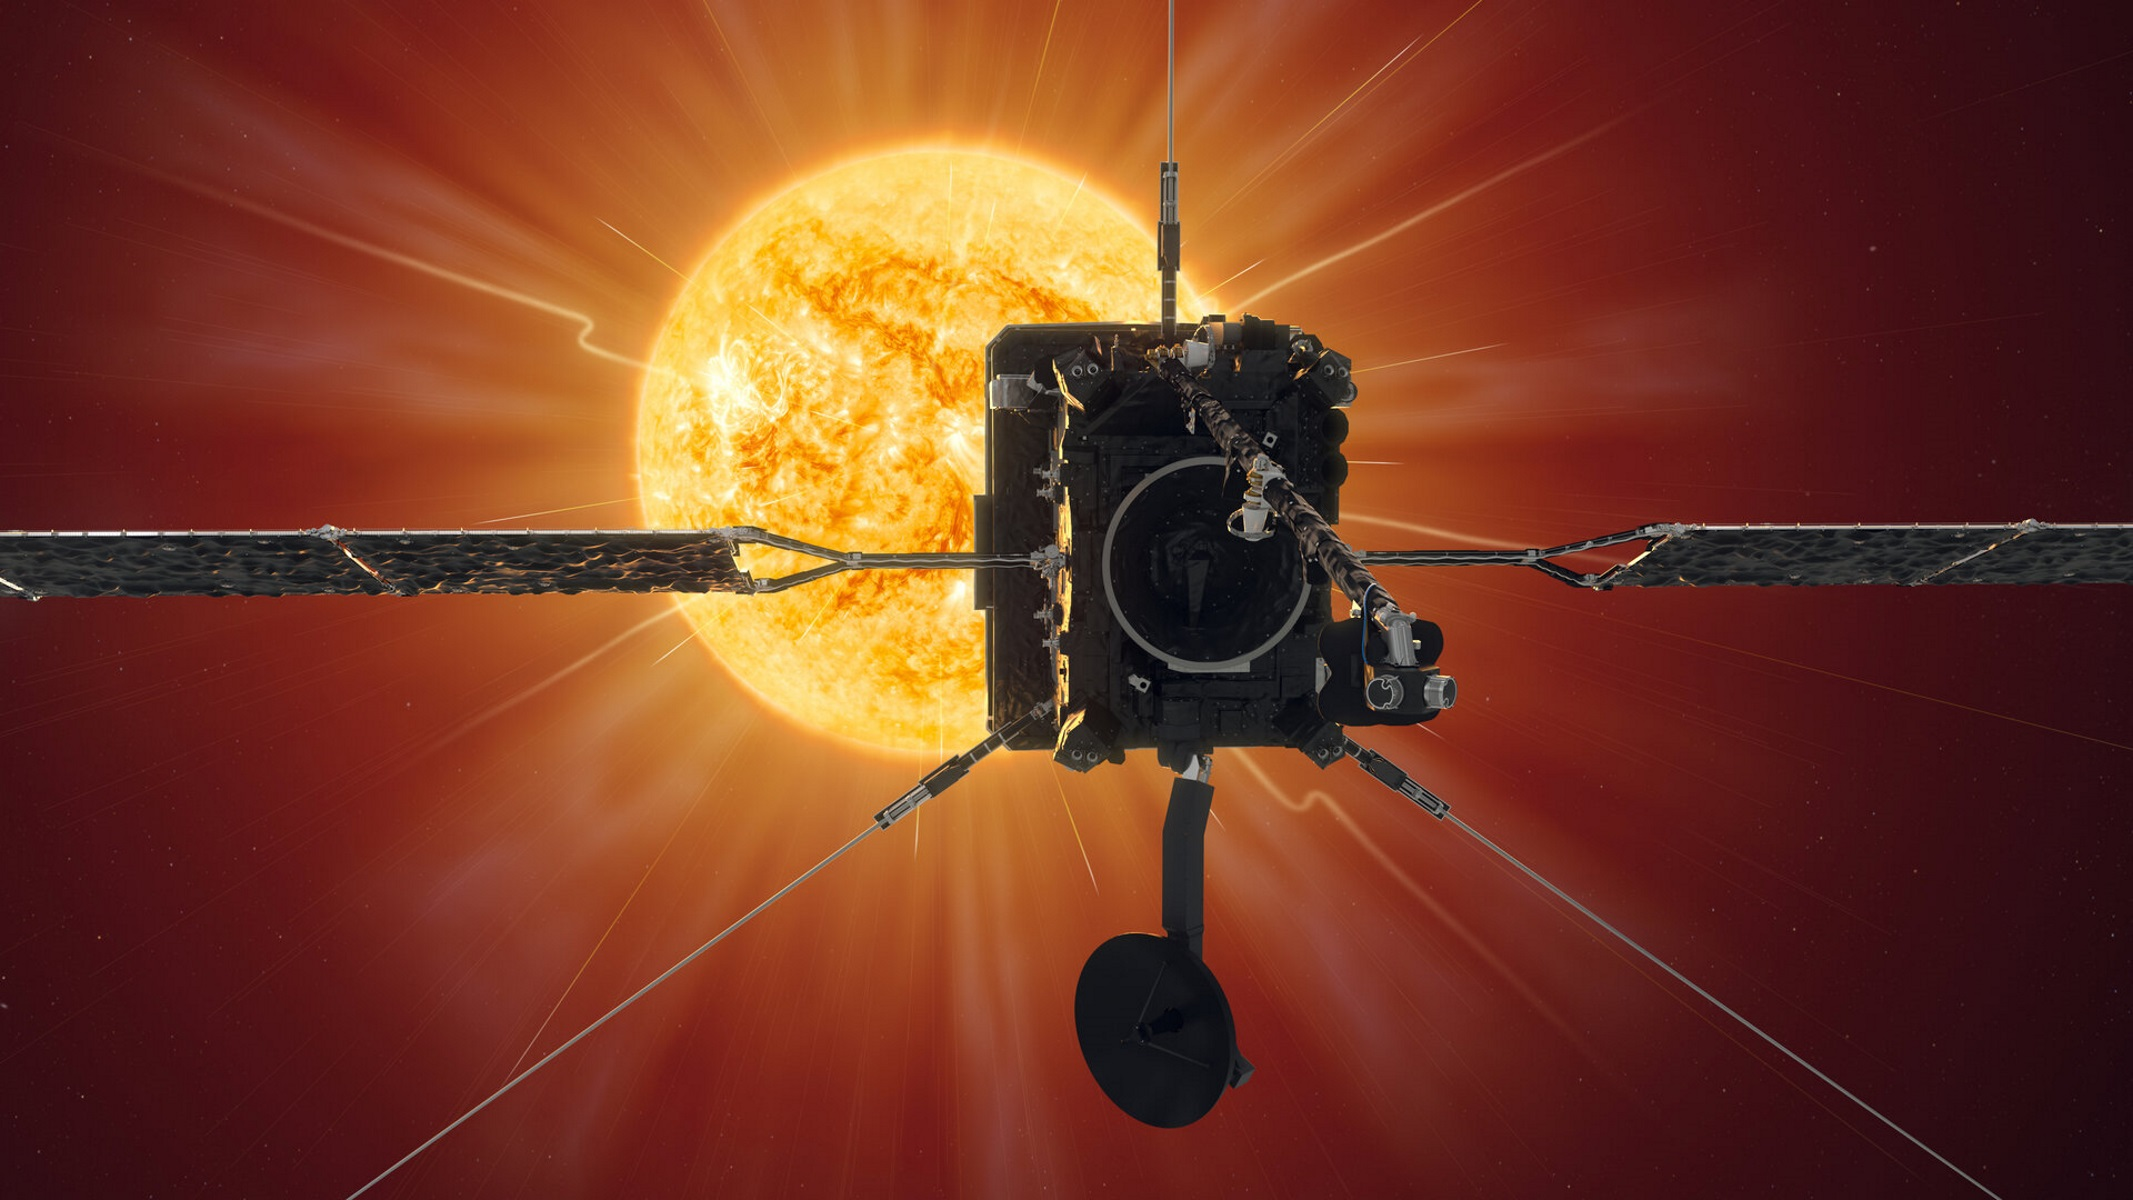 Ο Ήλιος πιο κοντά από ποτέ! Μαγεύουν οι πρώτες φωτογραφίες από το ευρωπαϊκό Solar Orbite